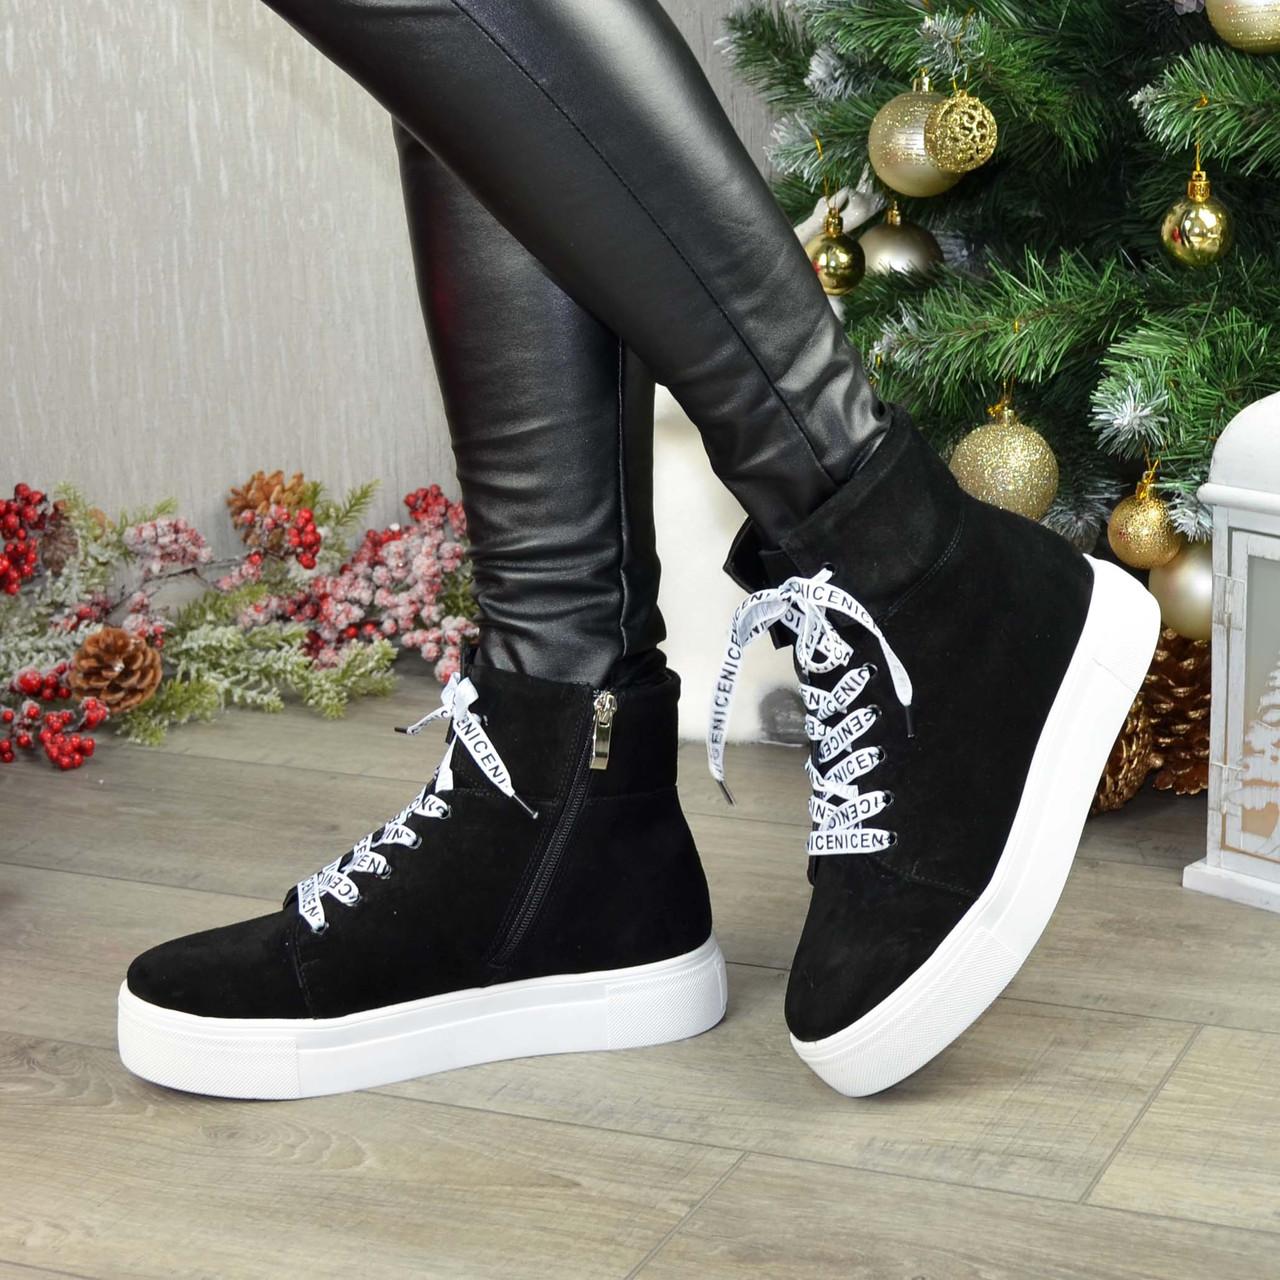 Ботинки замшевые спортивного стиля на утолщенной подошве. Цвет черный